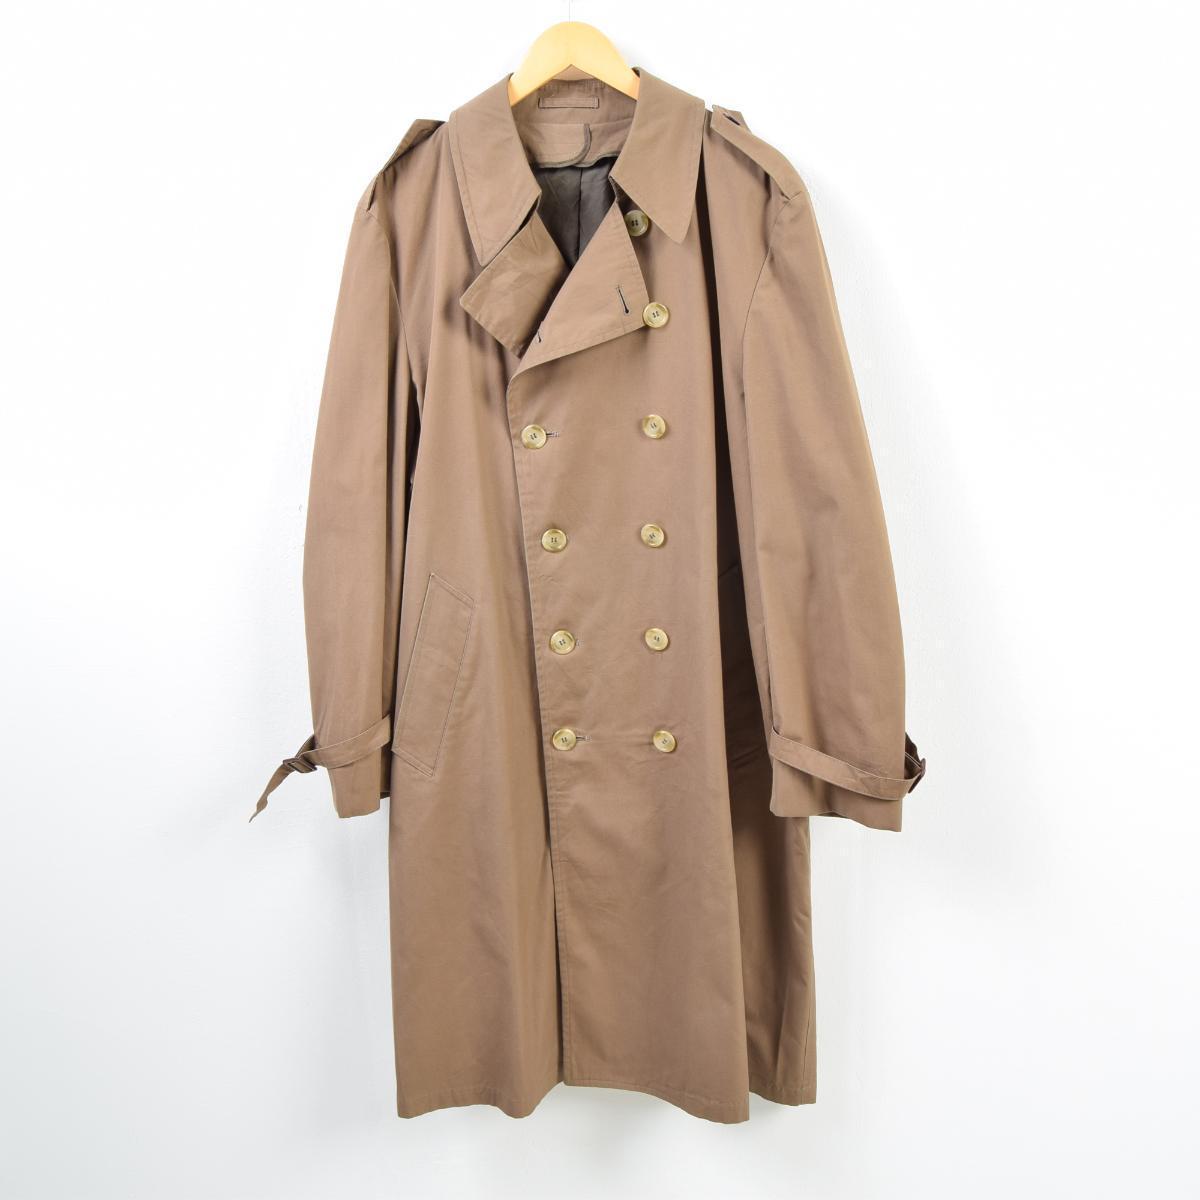 48e91191fe0e ロンドンフォグ LONDON FOG トレンチコート USA製 40 REG メンズM /wbc9421 【中古】 【190222】-コート・ジャケット